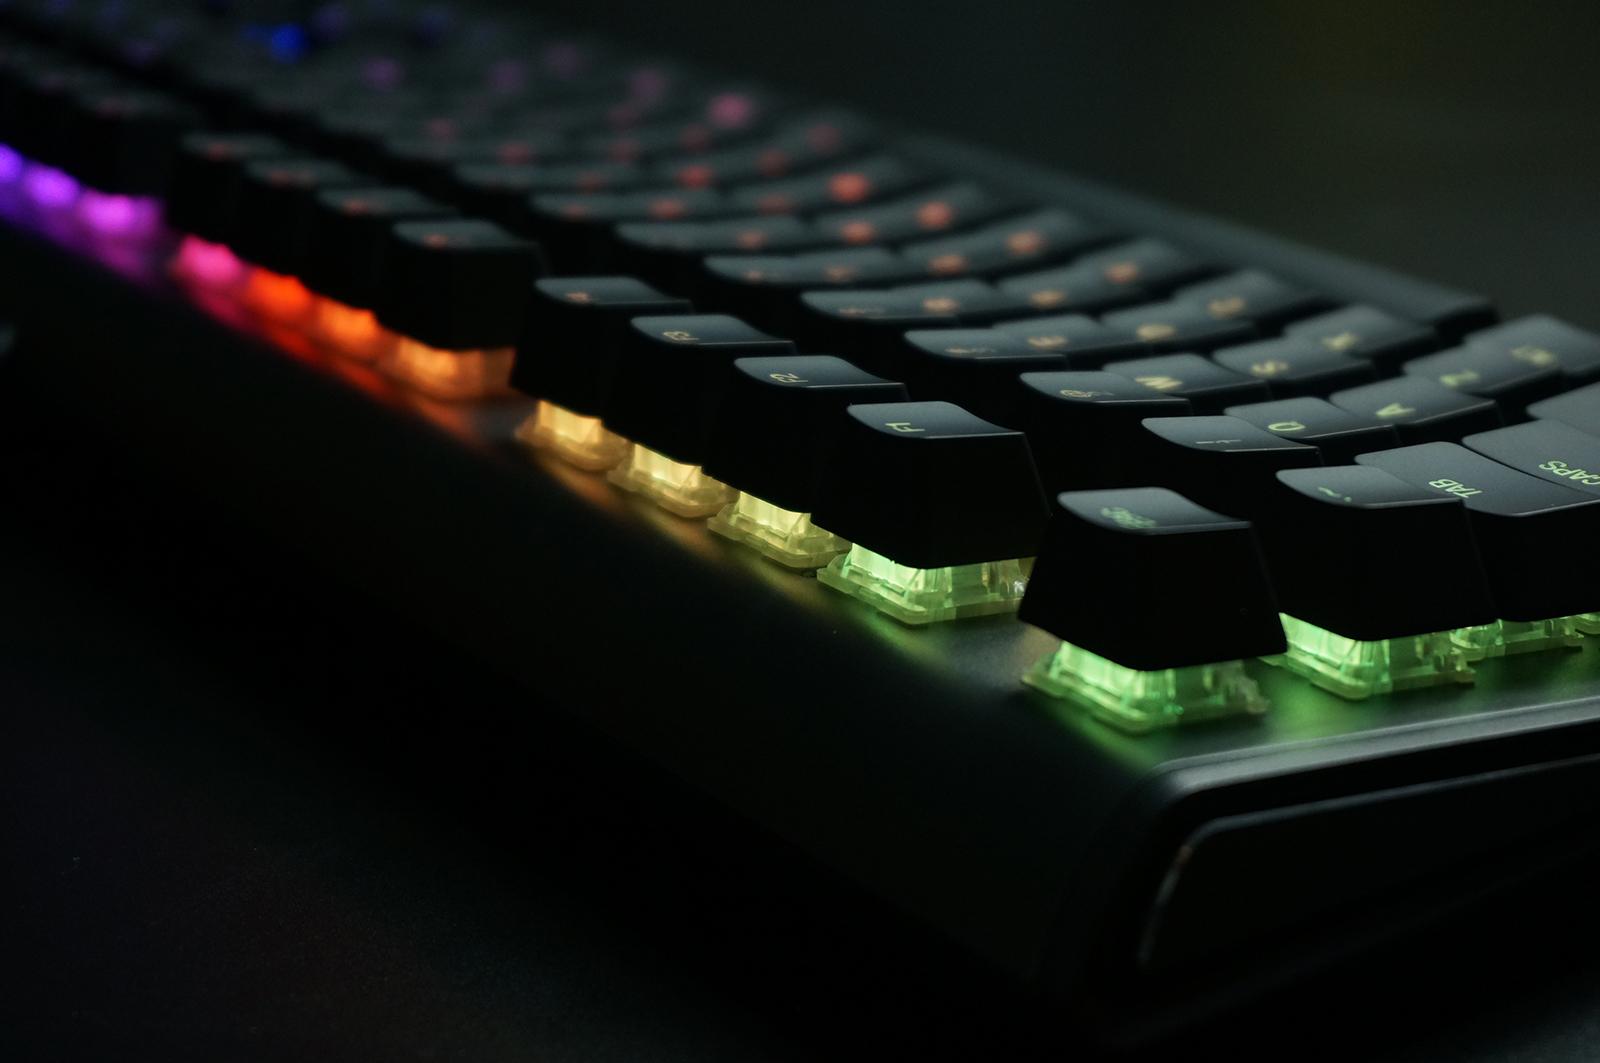 赛睿APEX M650机械键盘评测